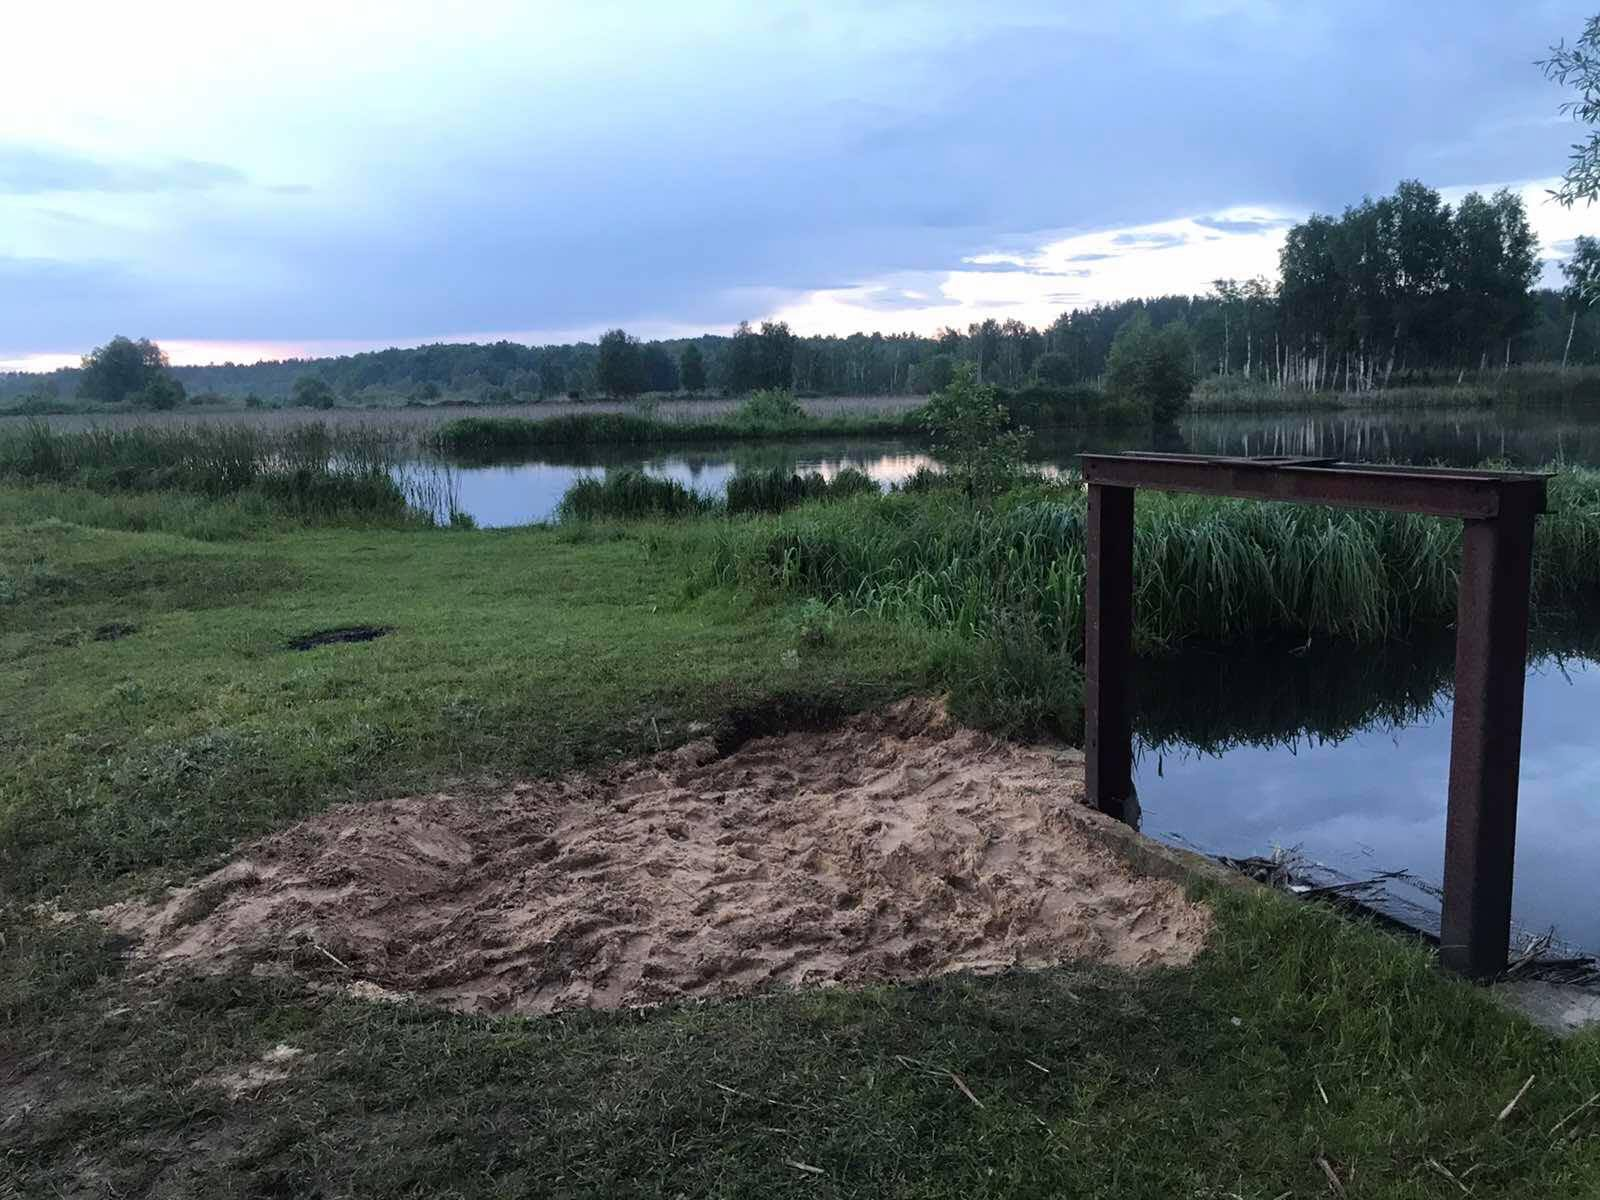 На Чернігівщині рибалки самотужки відремонтували дамбу на ставку (Фото, відео)